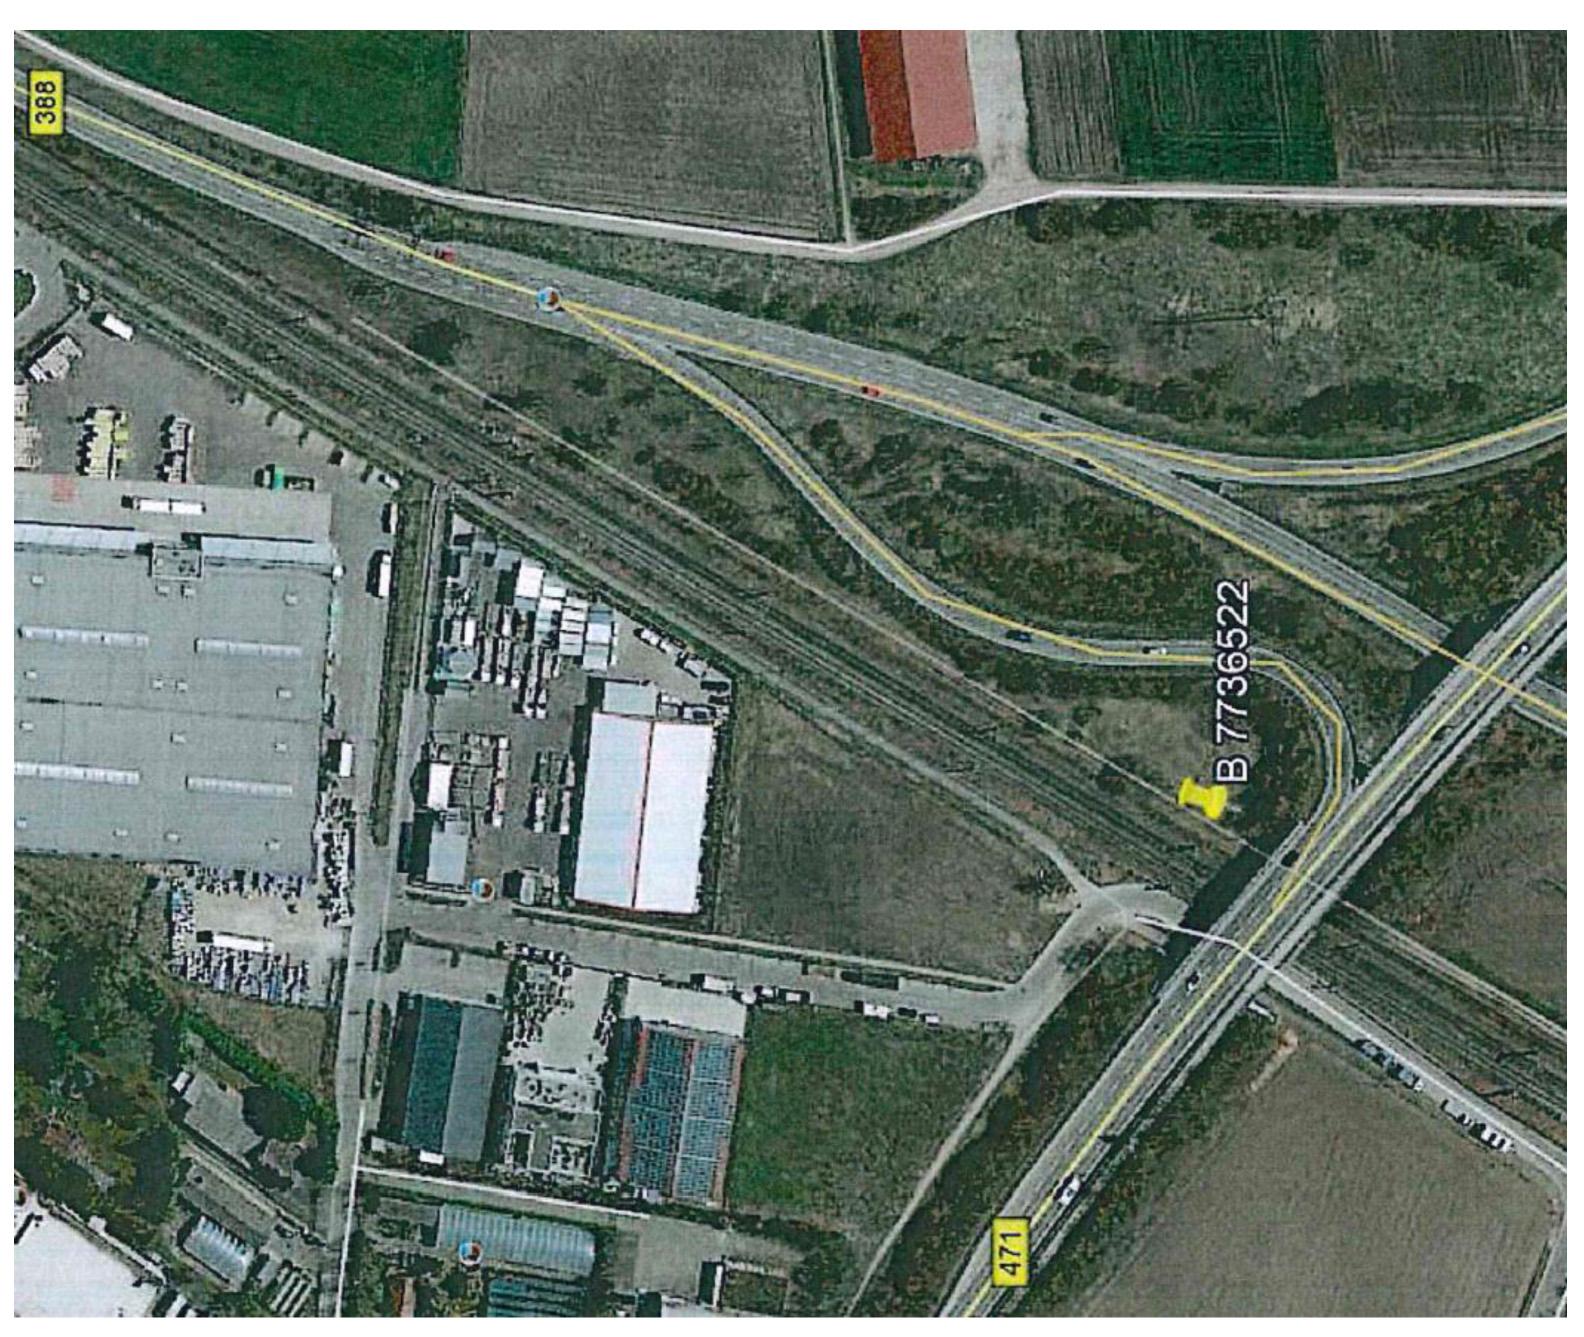 PM Straßenbaumaßnahmen B 471_B 388 Bauwerksprüfung 2019-05-23_24.jpg